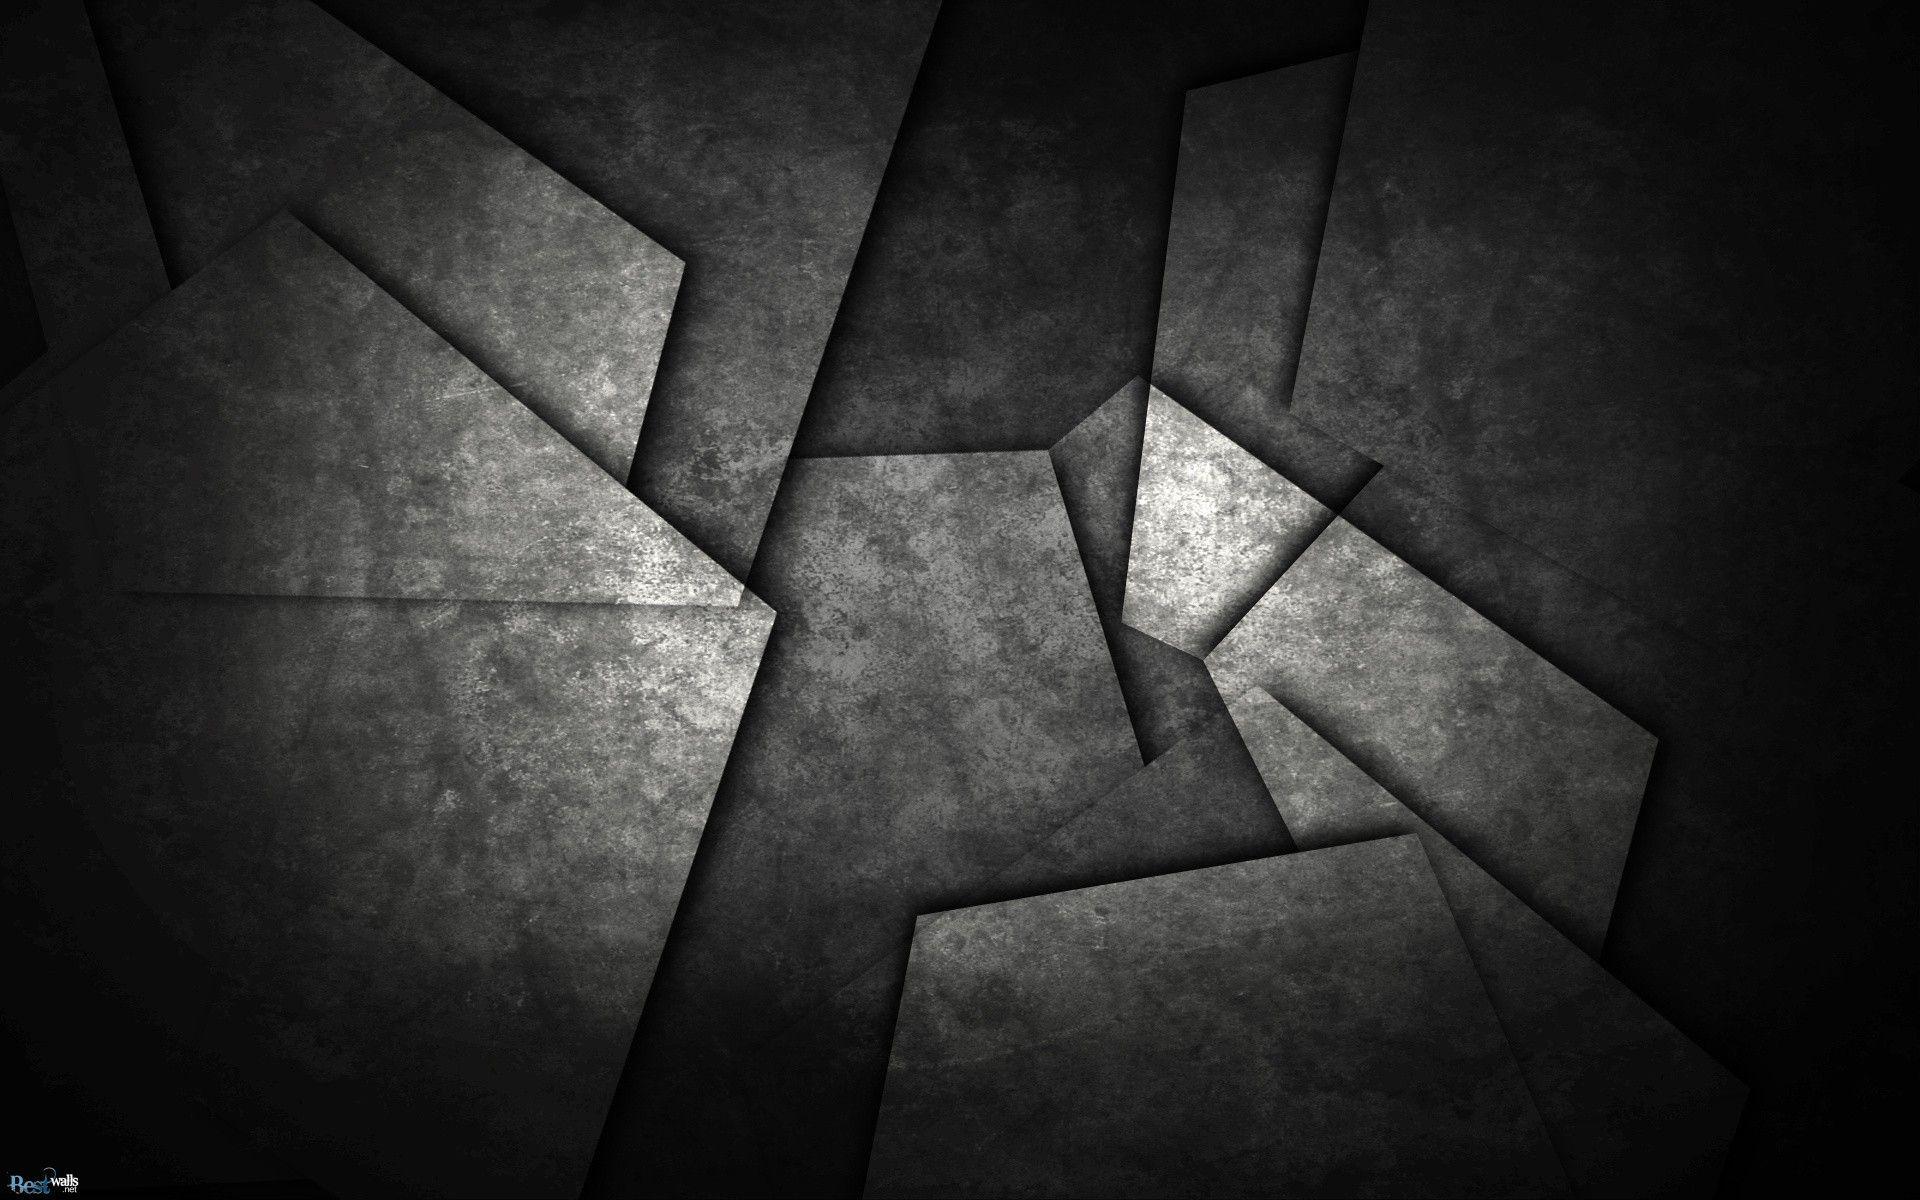 1920x1200 Hình nền đen rắn tuyệt đẹp te Gw Hình nền đen